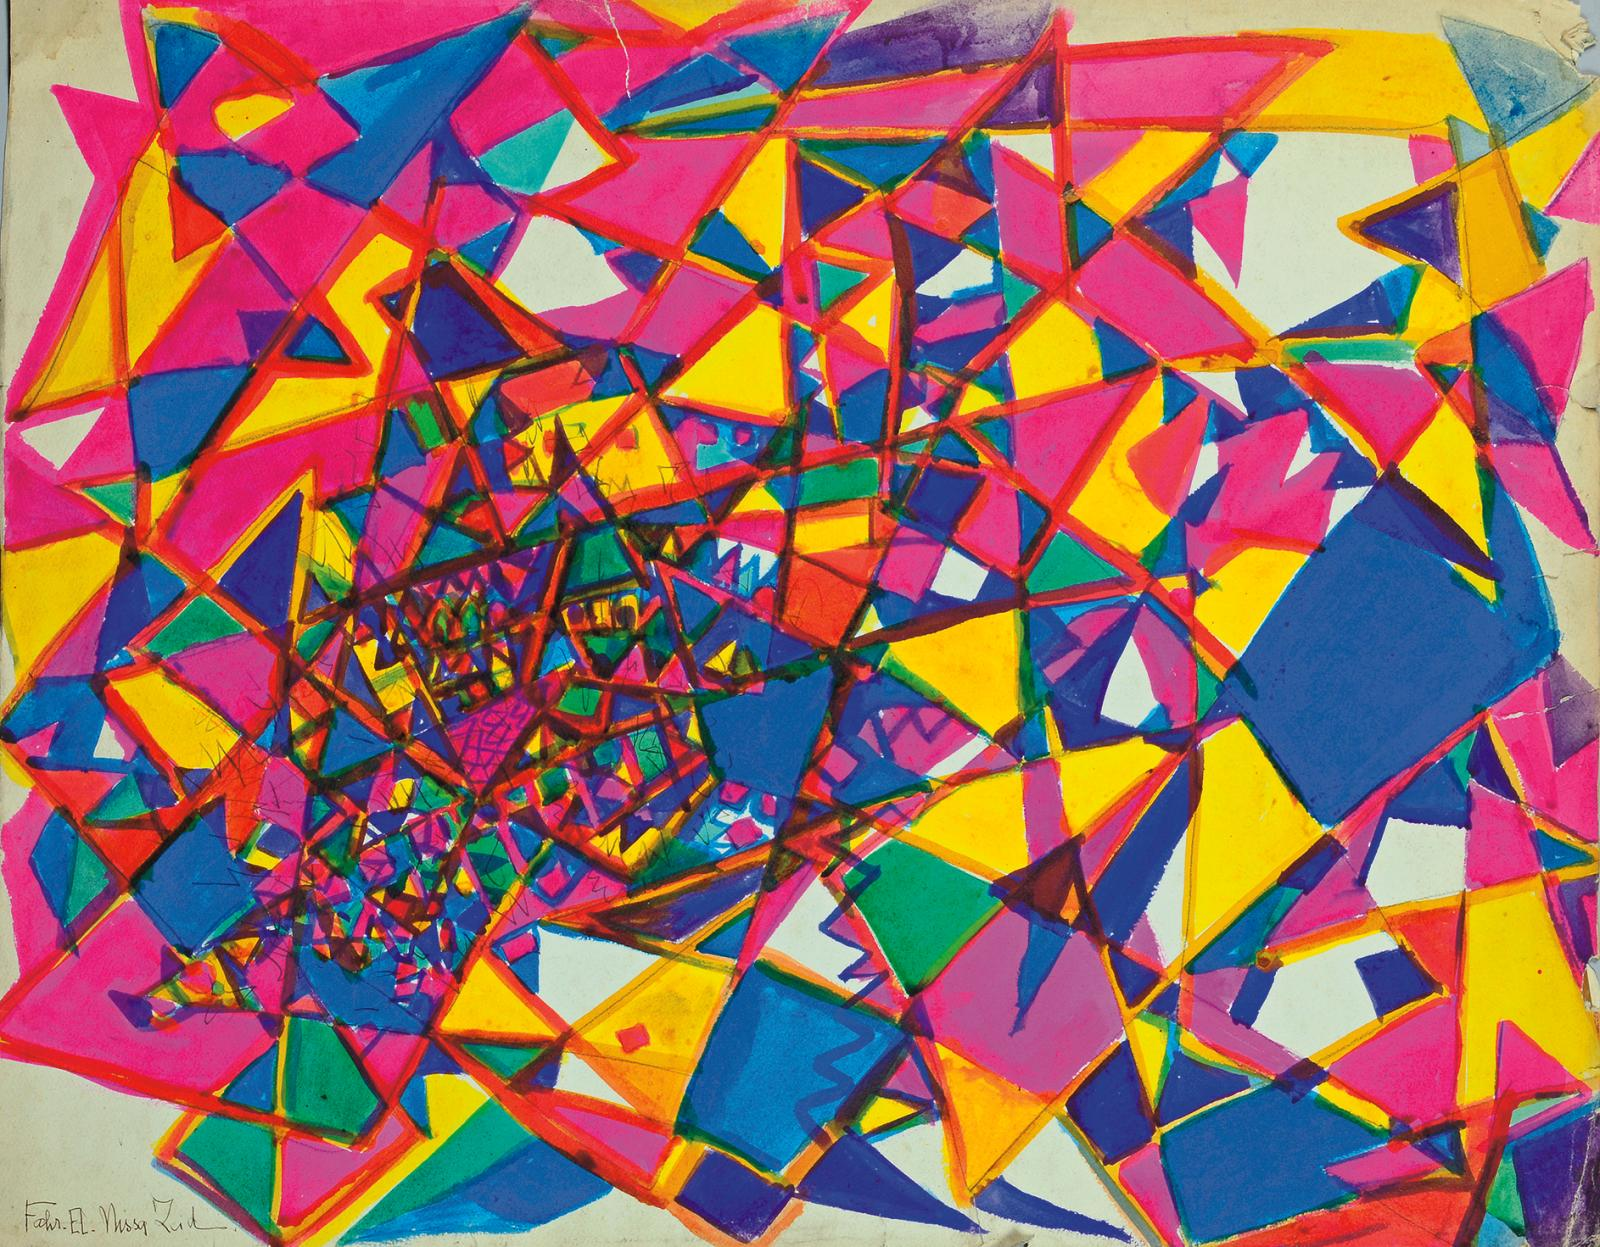 Fahrelnissa Zeid (1901-1991), Dream of Abou-Sina II, technique mixte sur papier, 57x74,5cm. Paris, 5, rue de Montholon, 25 novembre 202